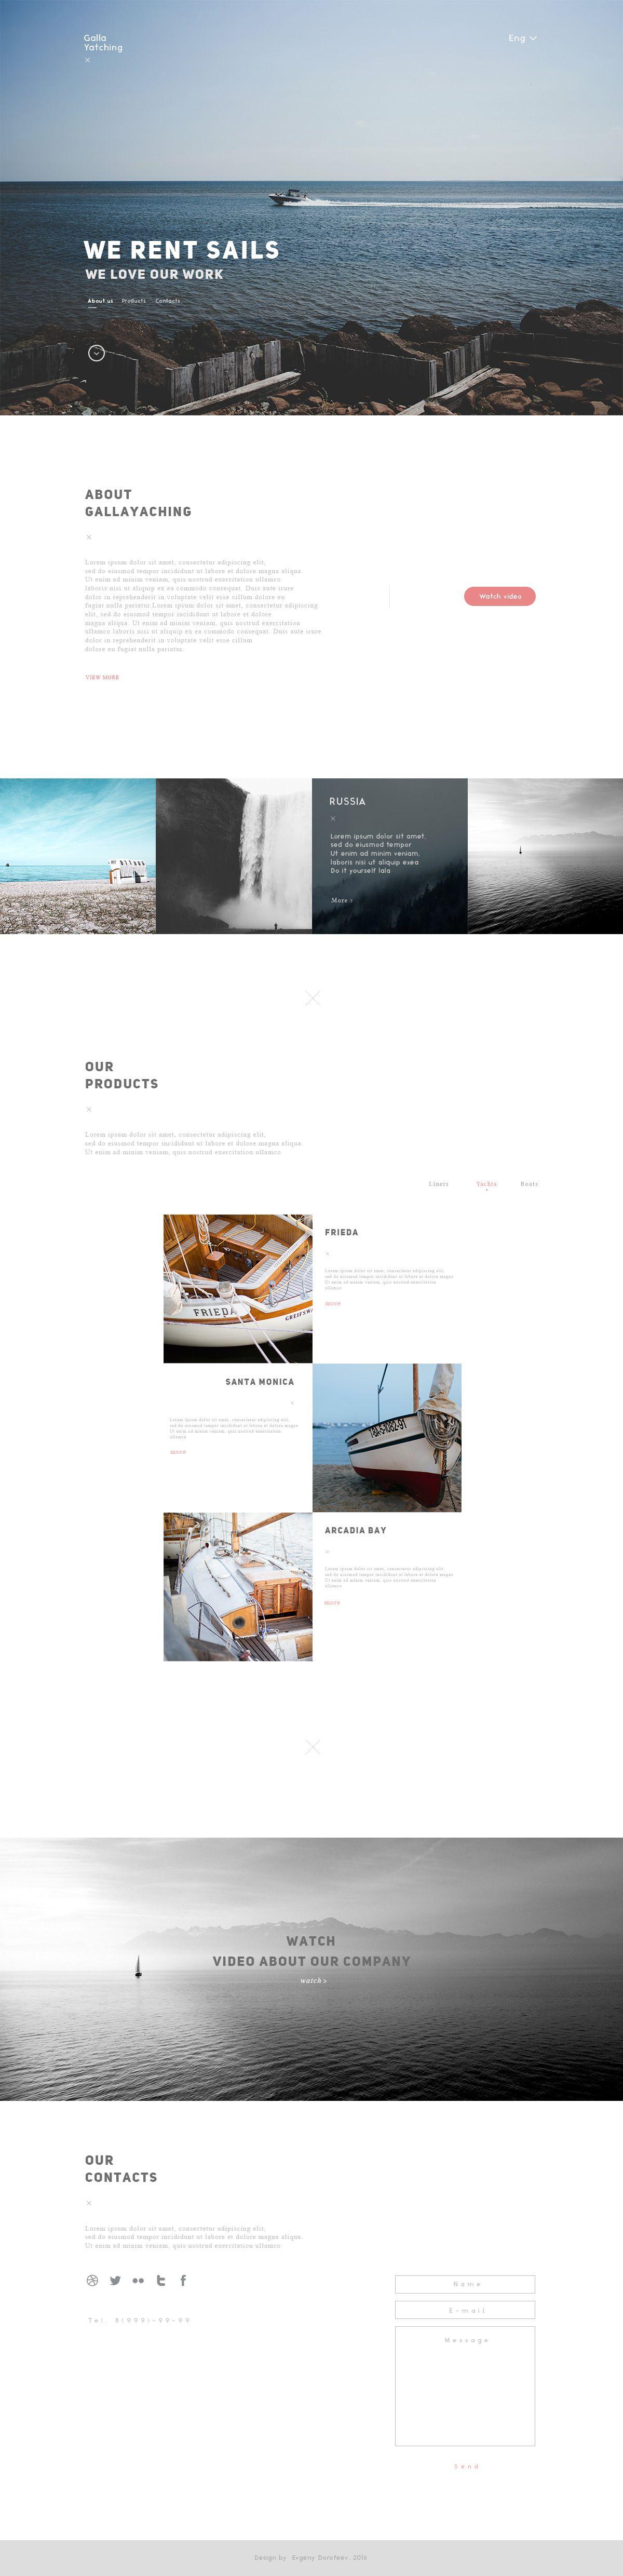 Веб-сайт для gallayachting.com - дизайнер Evangielism